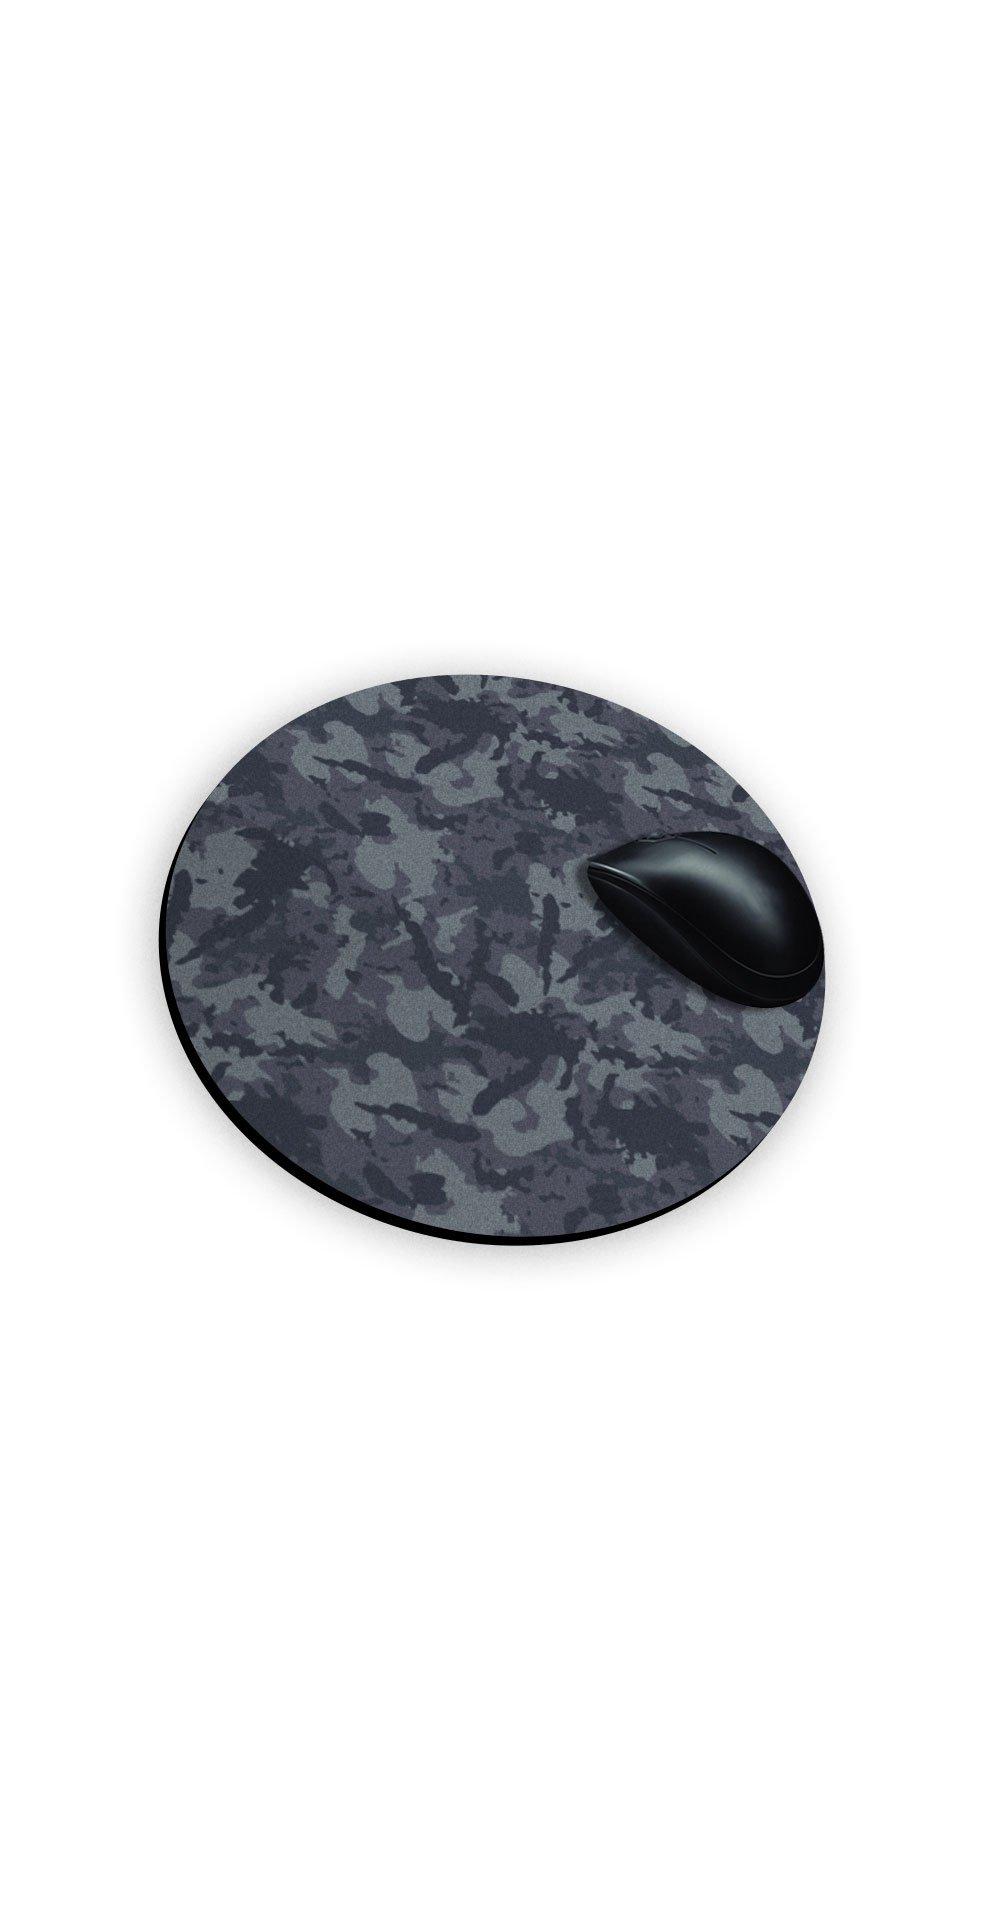 camo-grigio-scuro